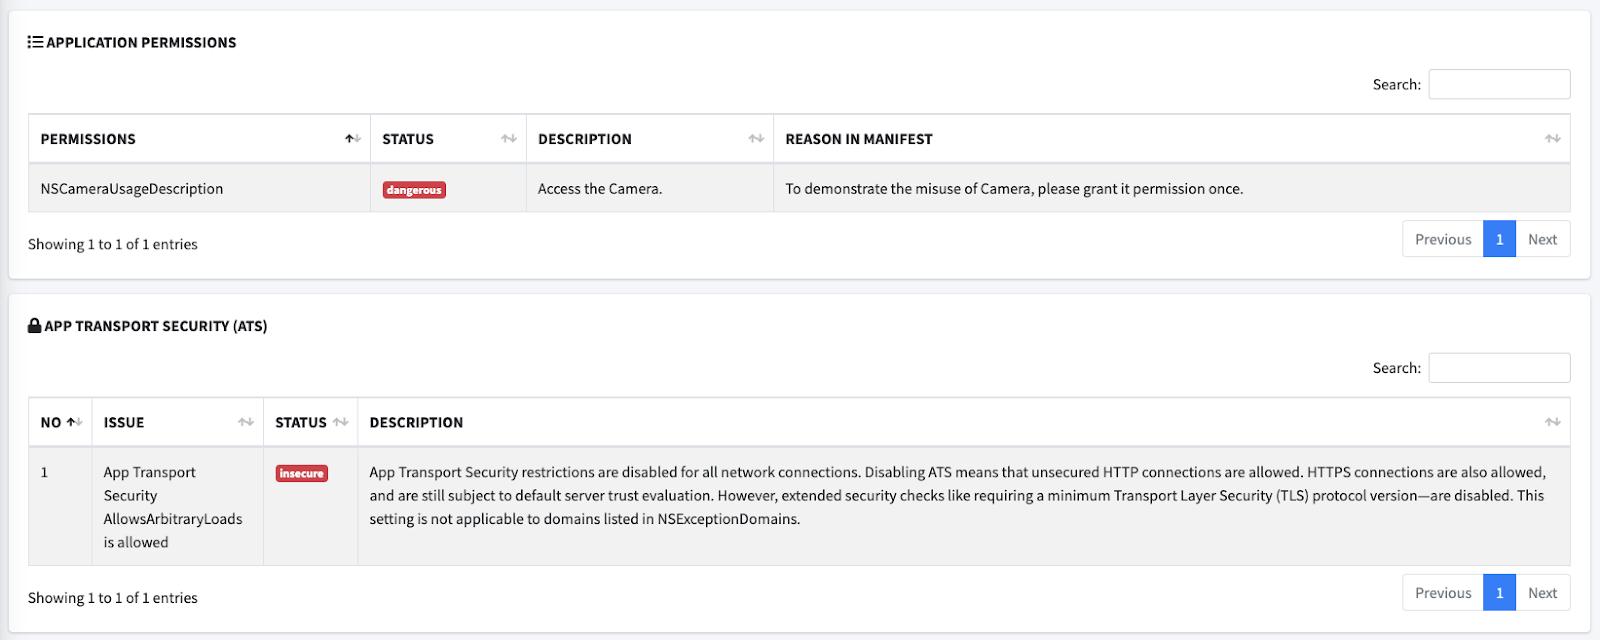 Отображение требуемых разрешений и параметров безопасности для HTTP